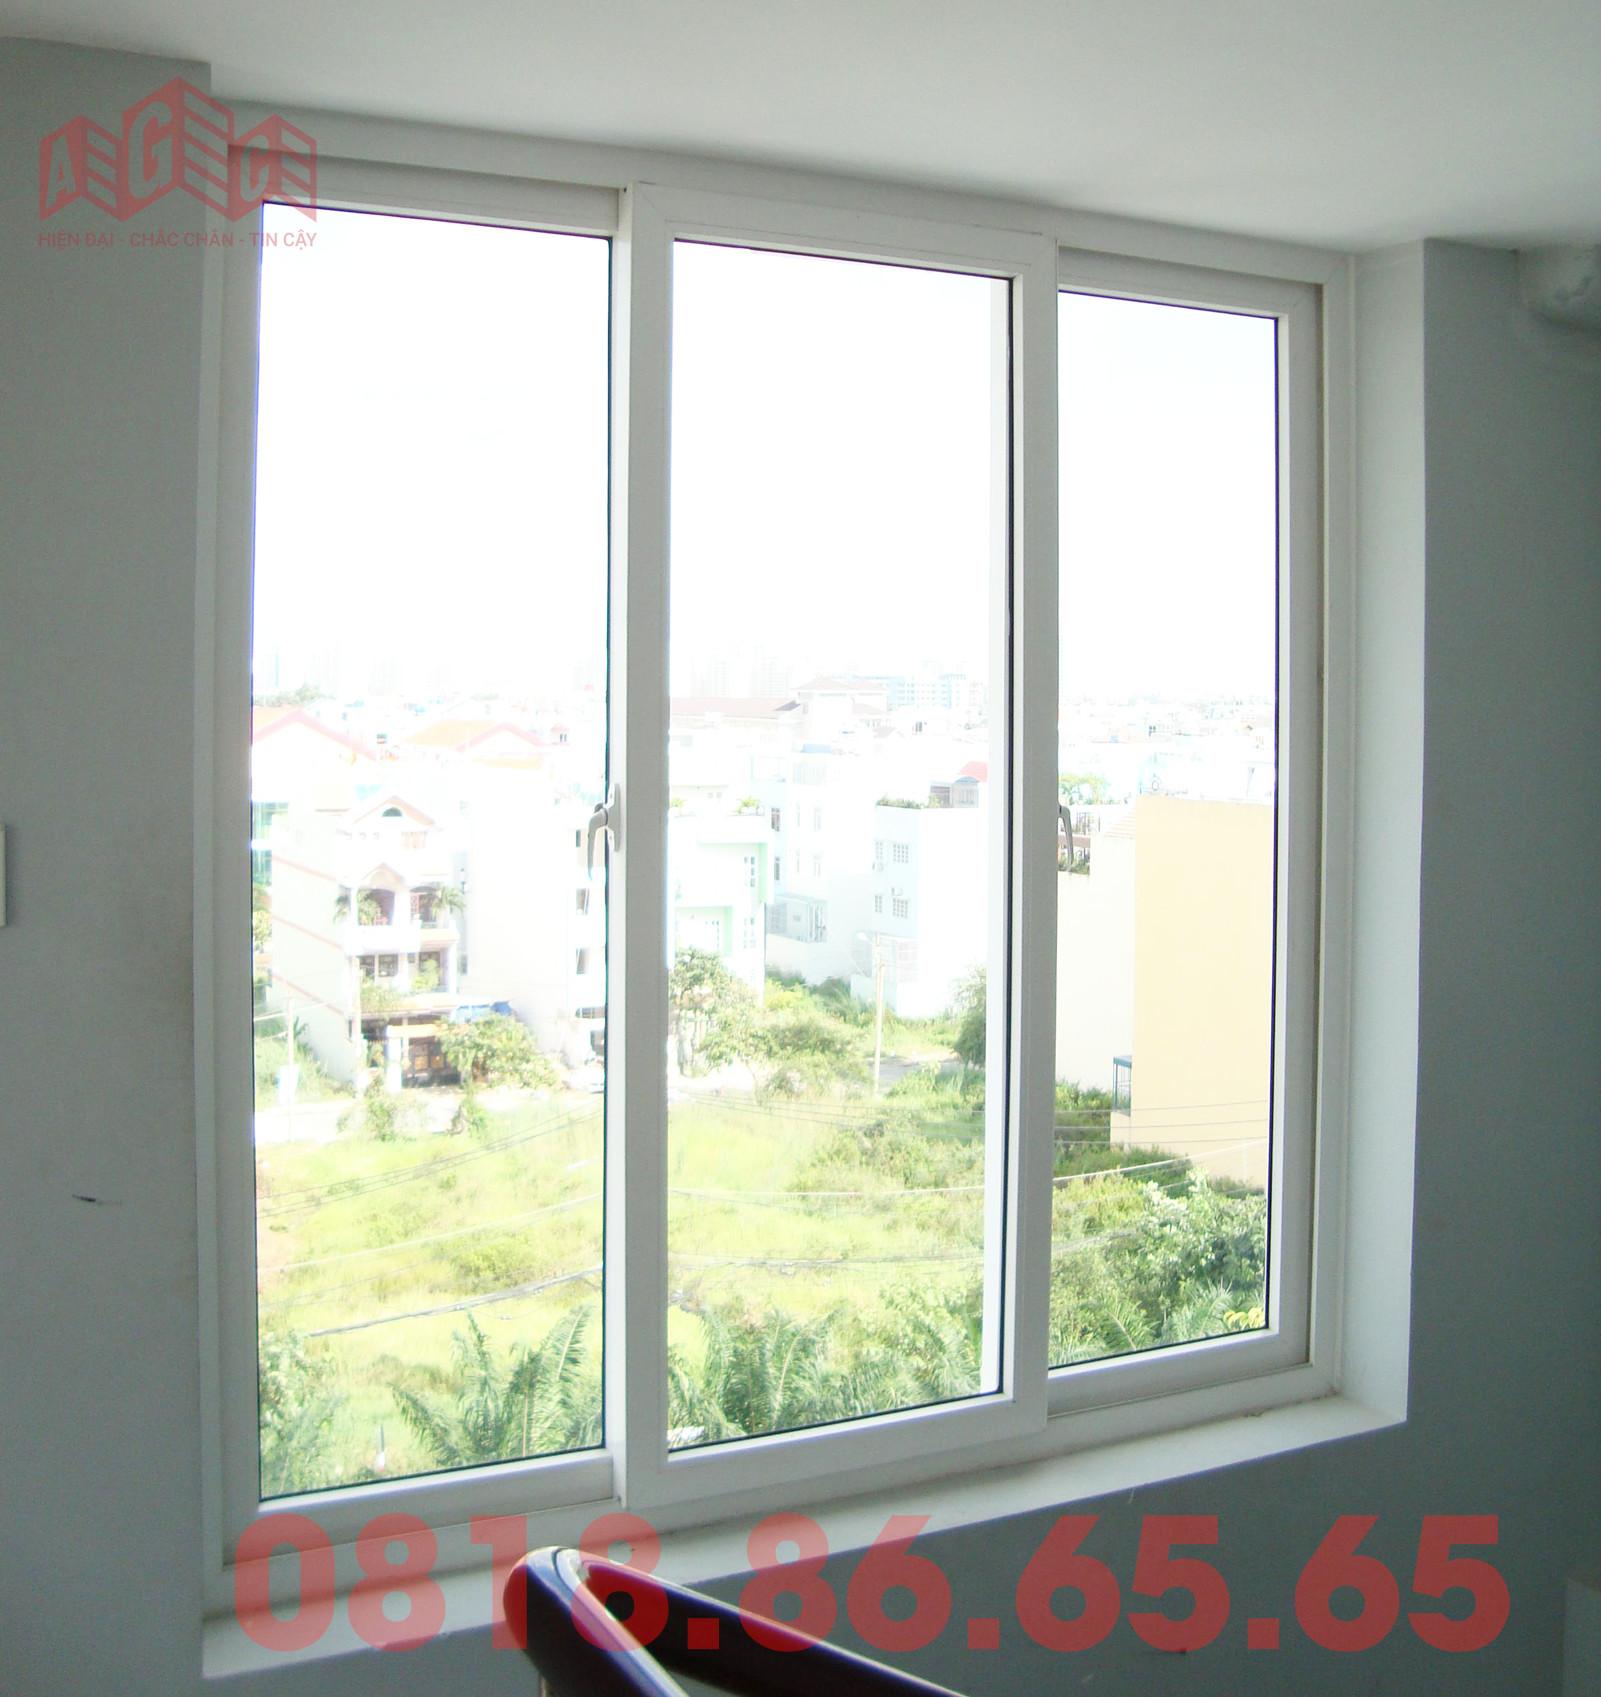 Cửa sổ mở trượt Xingfa 3 cánh màu trắng sữa